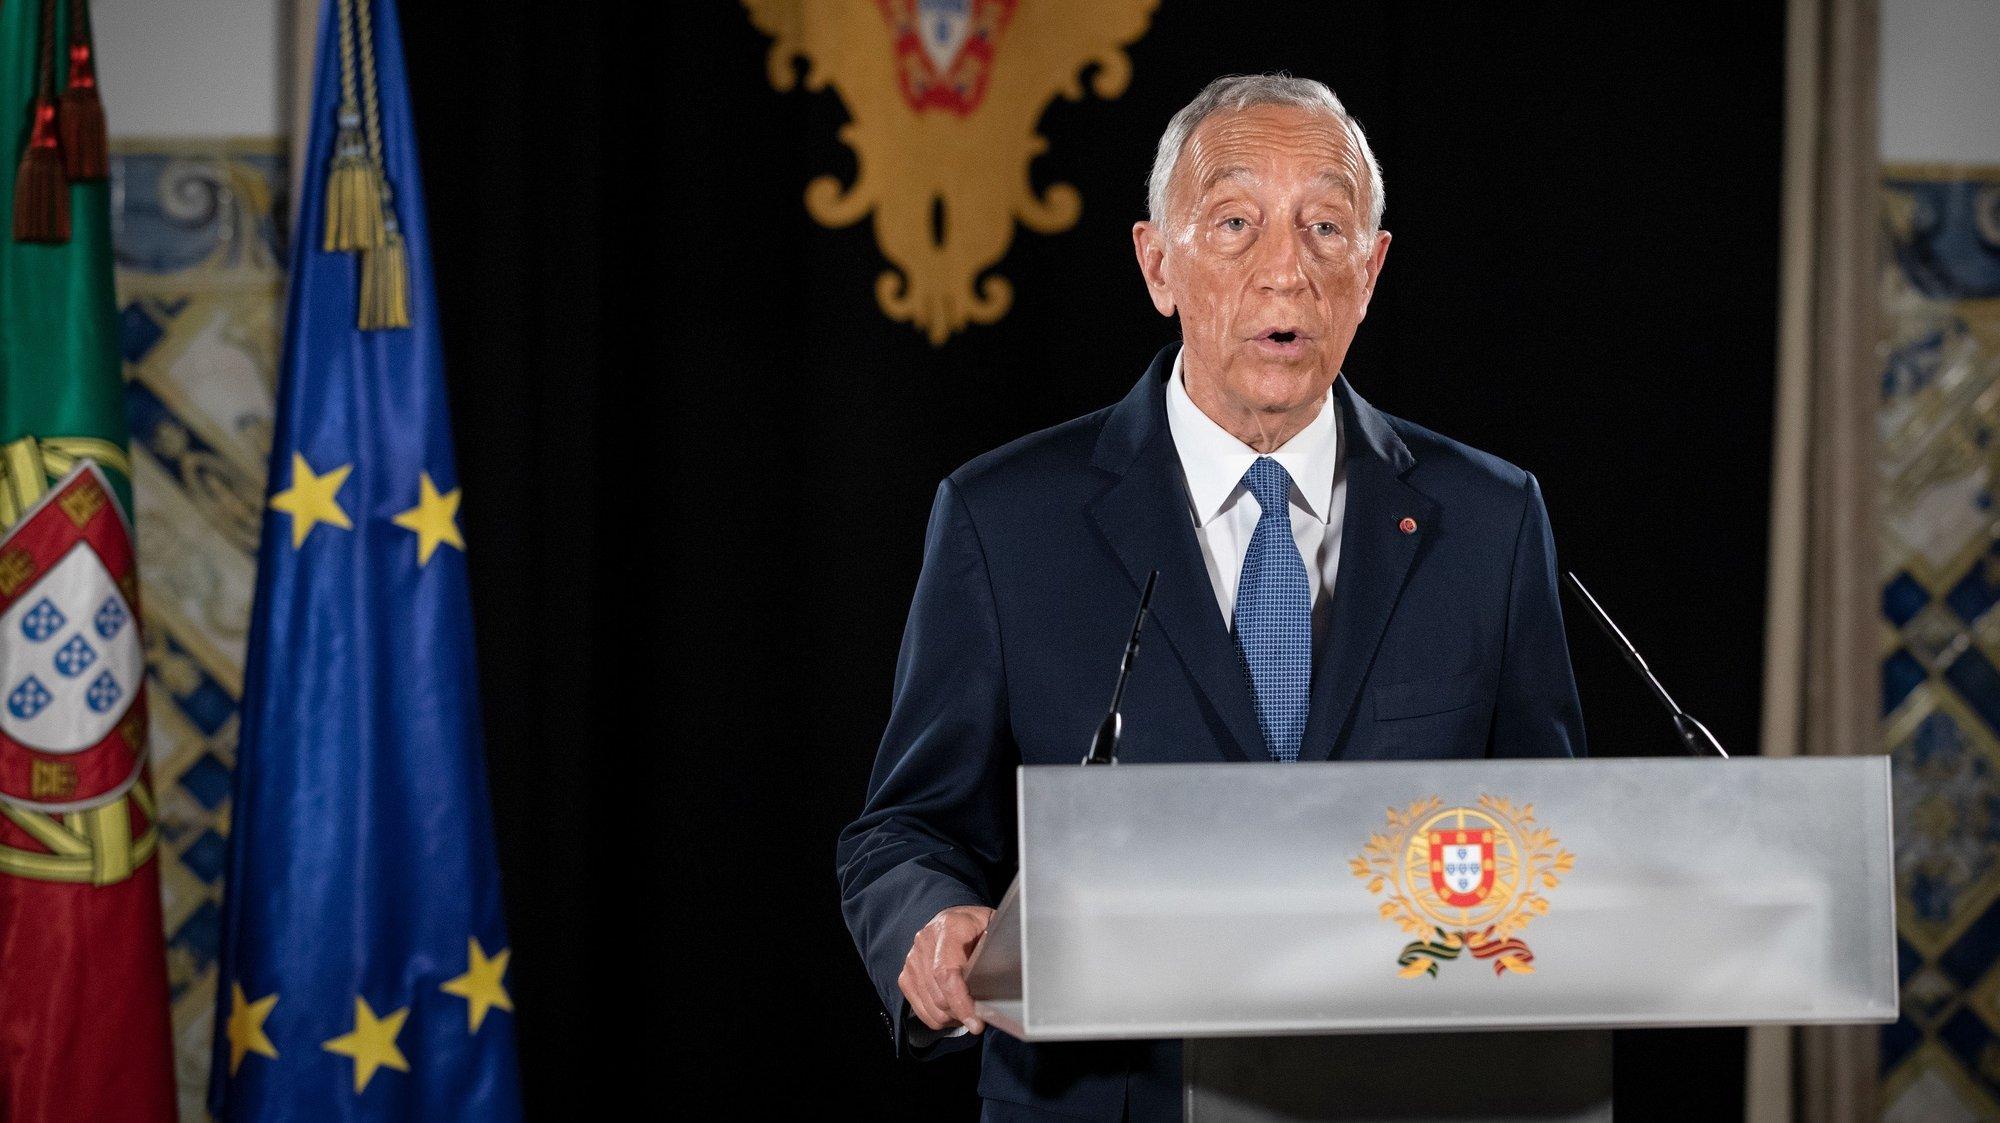 O Presidente da República, Marcelo Rebelo de Sousa, fala ao país numa declaração a partir do Palácio de Belém, após decretar a renovação do estado de emergência em Portugal, Lisboa, 11 de fevereiro de 2021.  MIGUEL FIGUEIREDO LOPES/PRESIDÊNCIA DA REPÚBLICA/LUSA